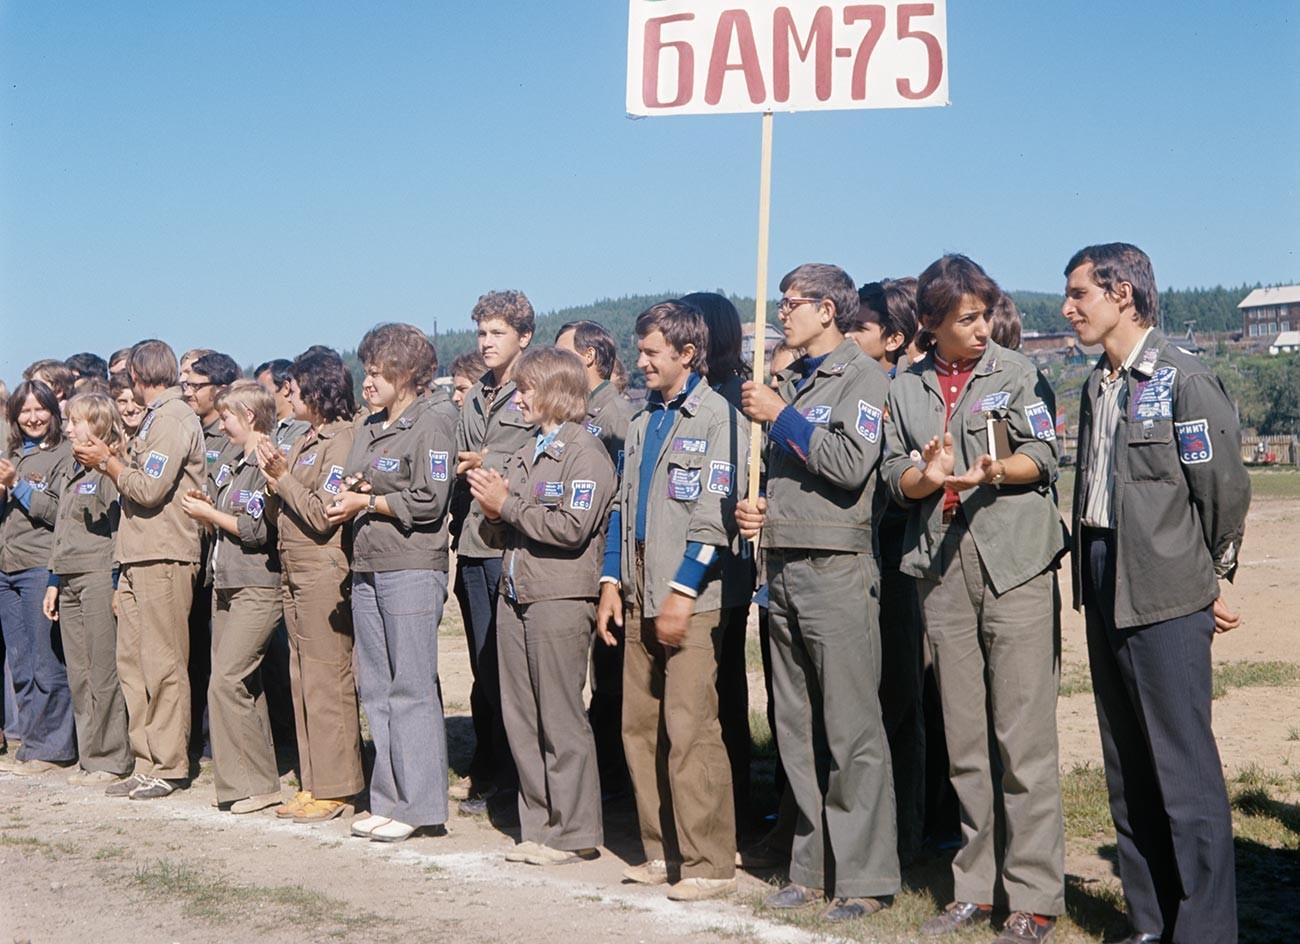 Chantier de la magistrale Baïkal-Amour, brigade étudiante de construction